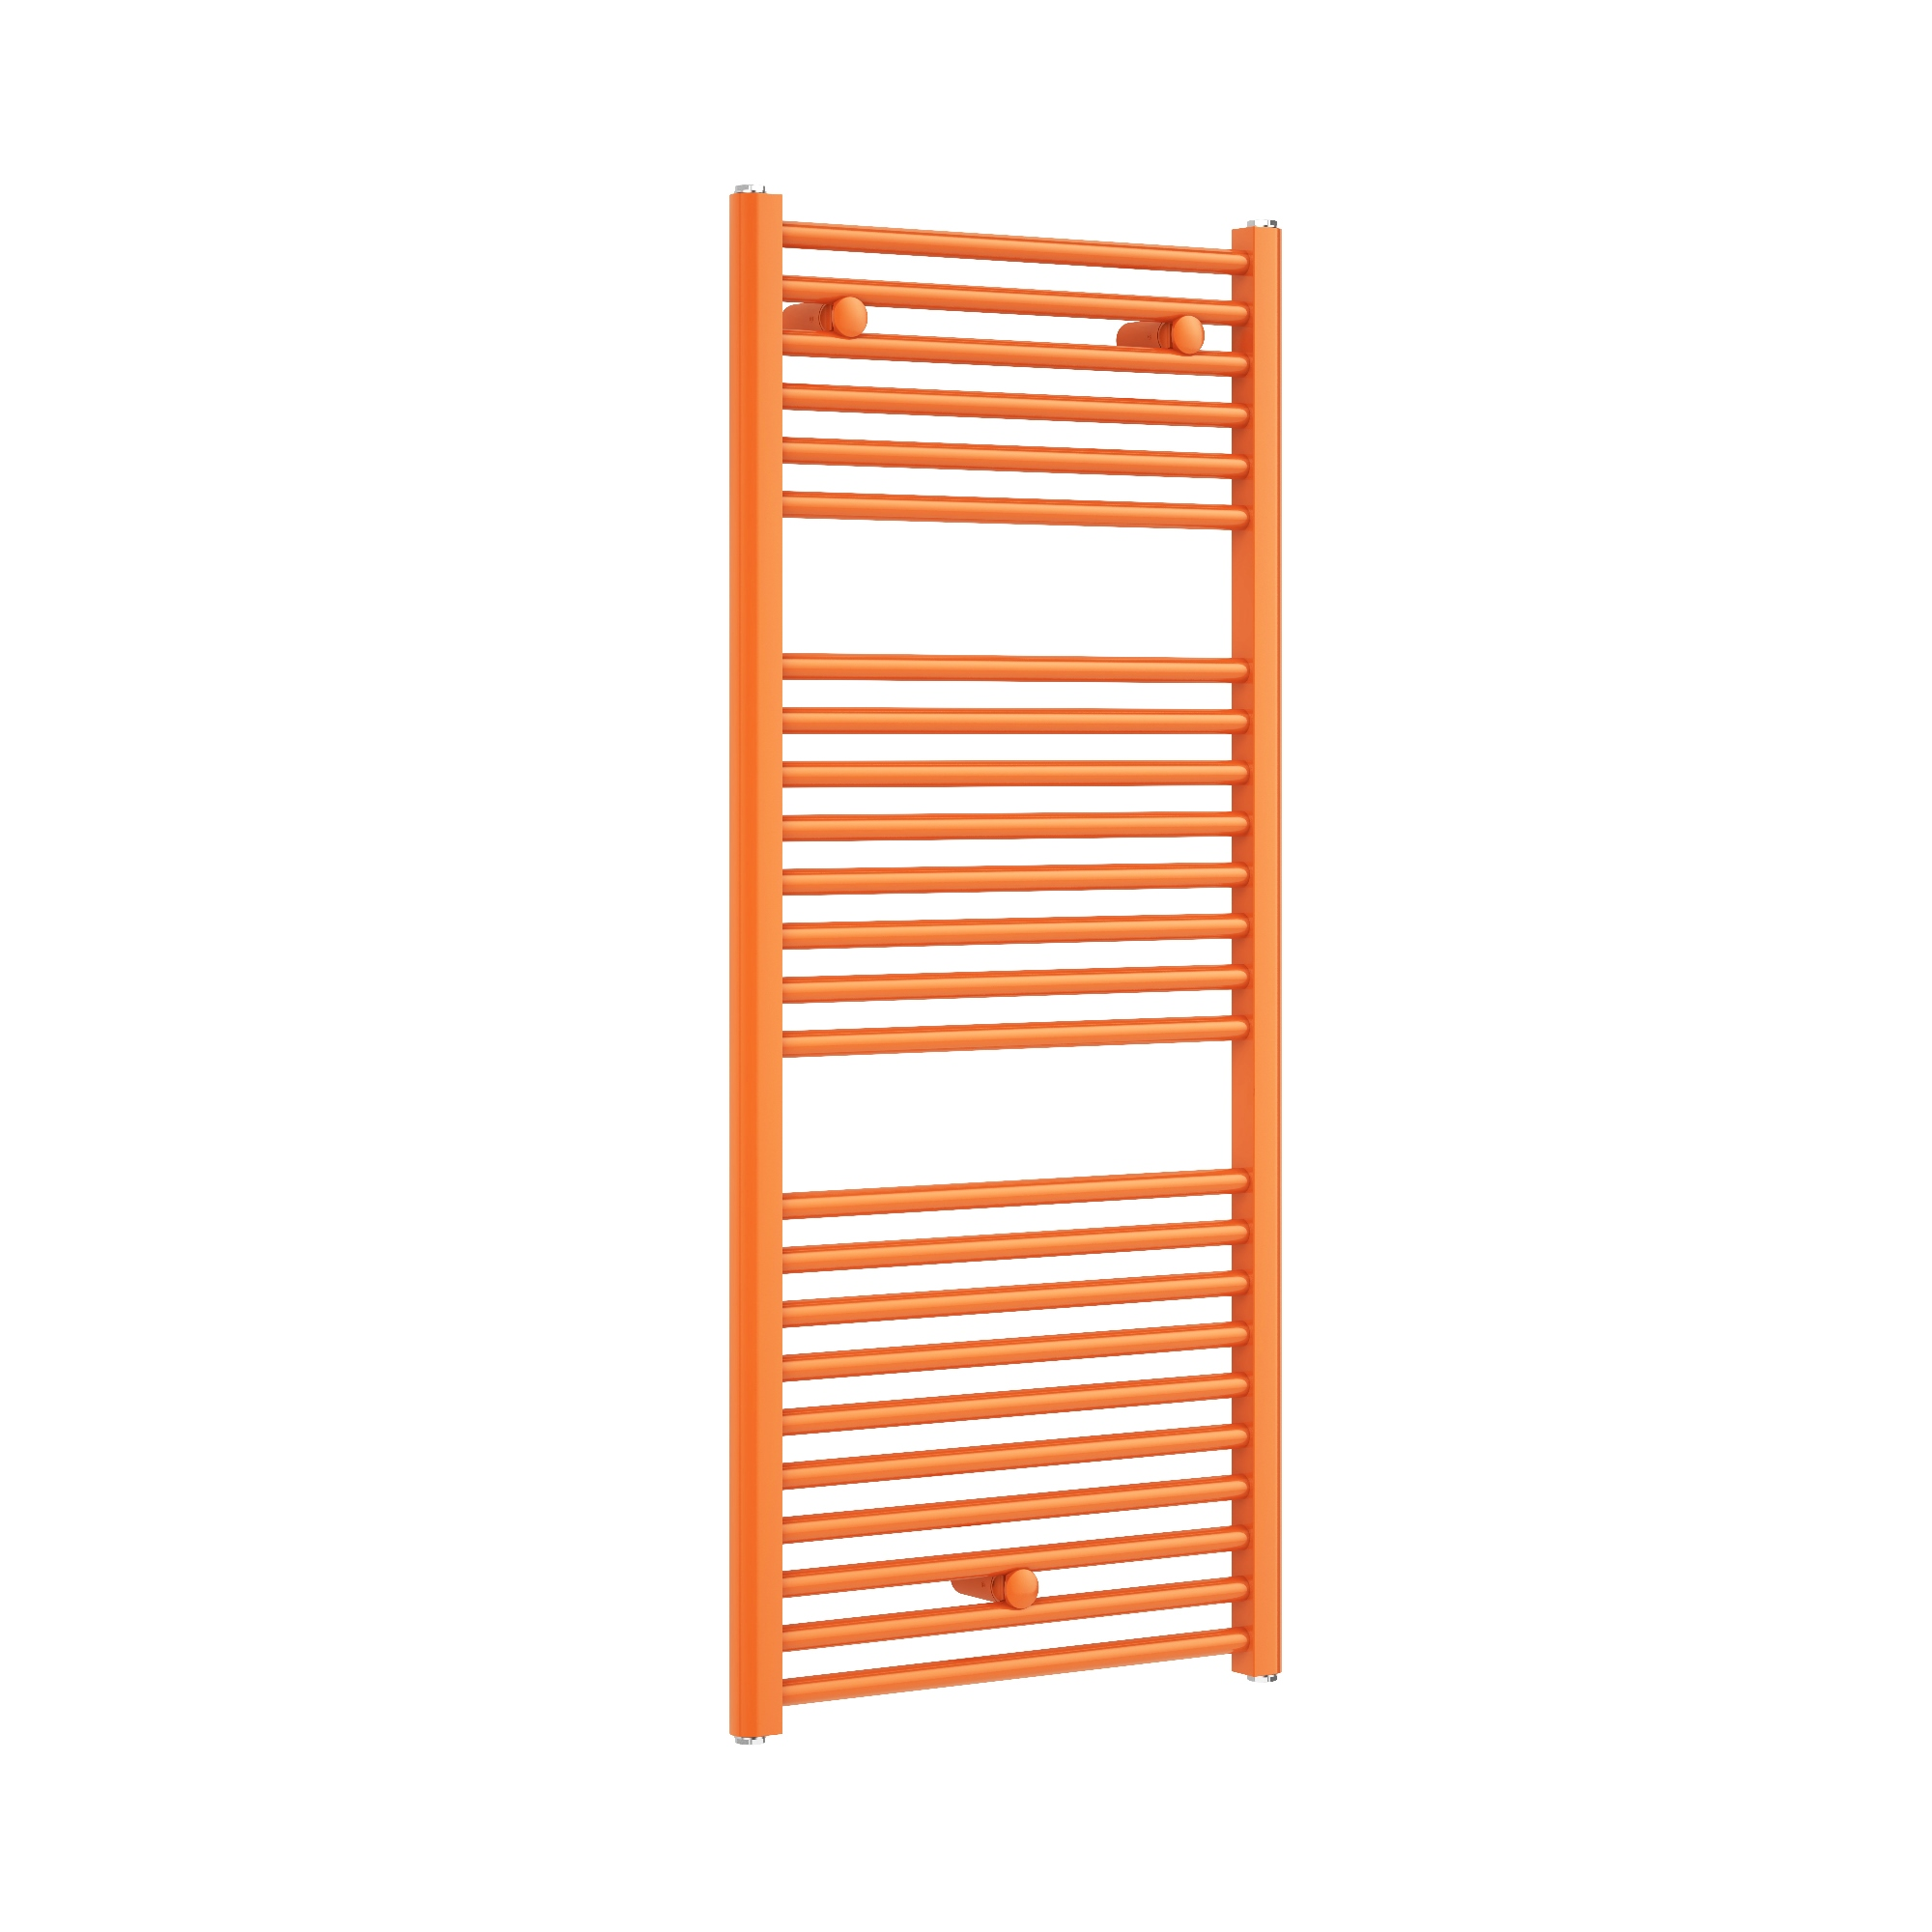 Les intérieurs de couleur orange sont dominants